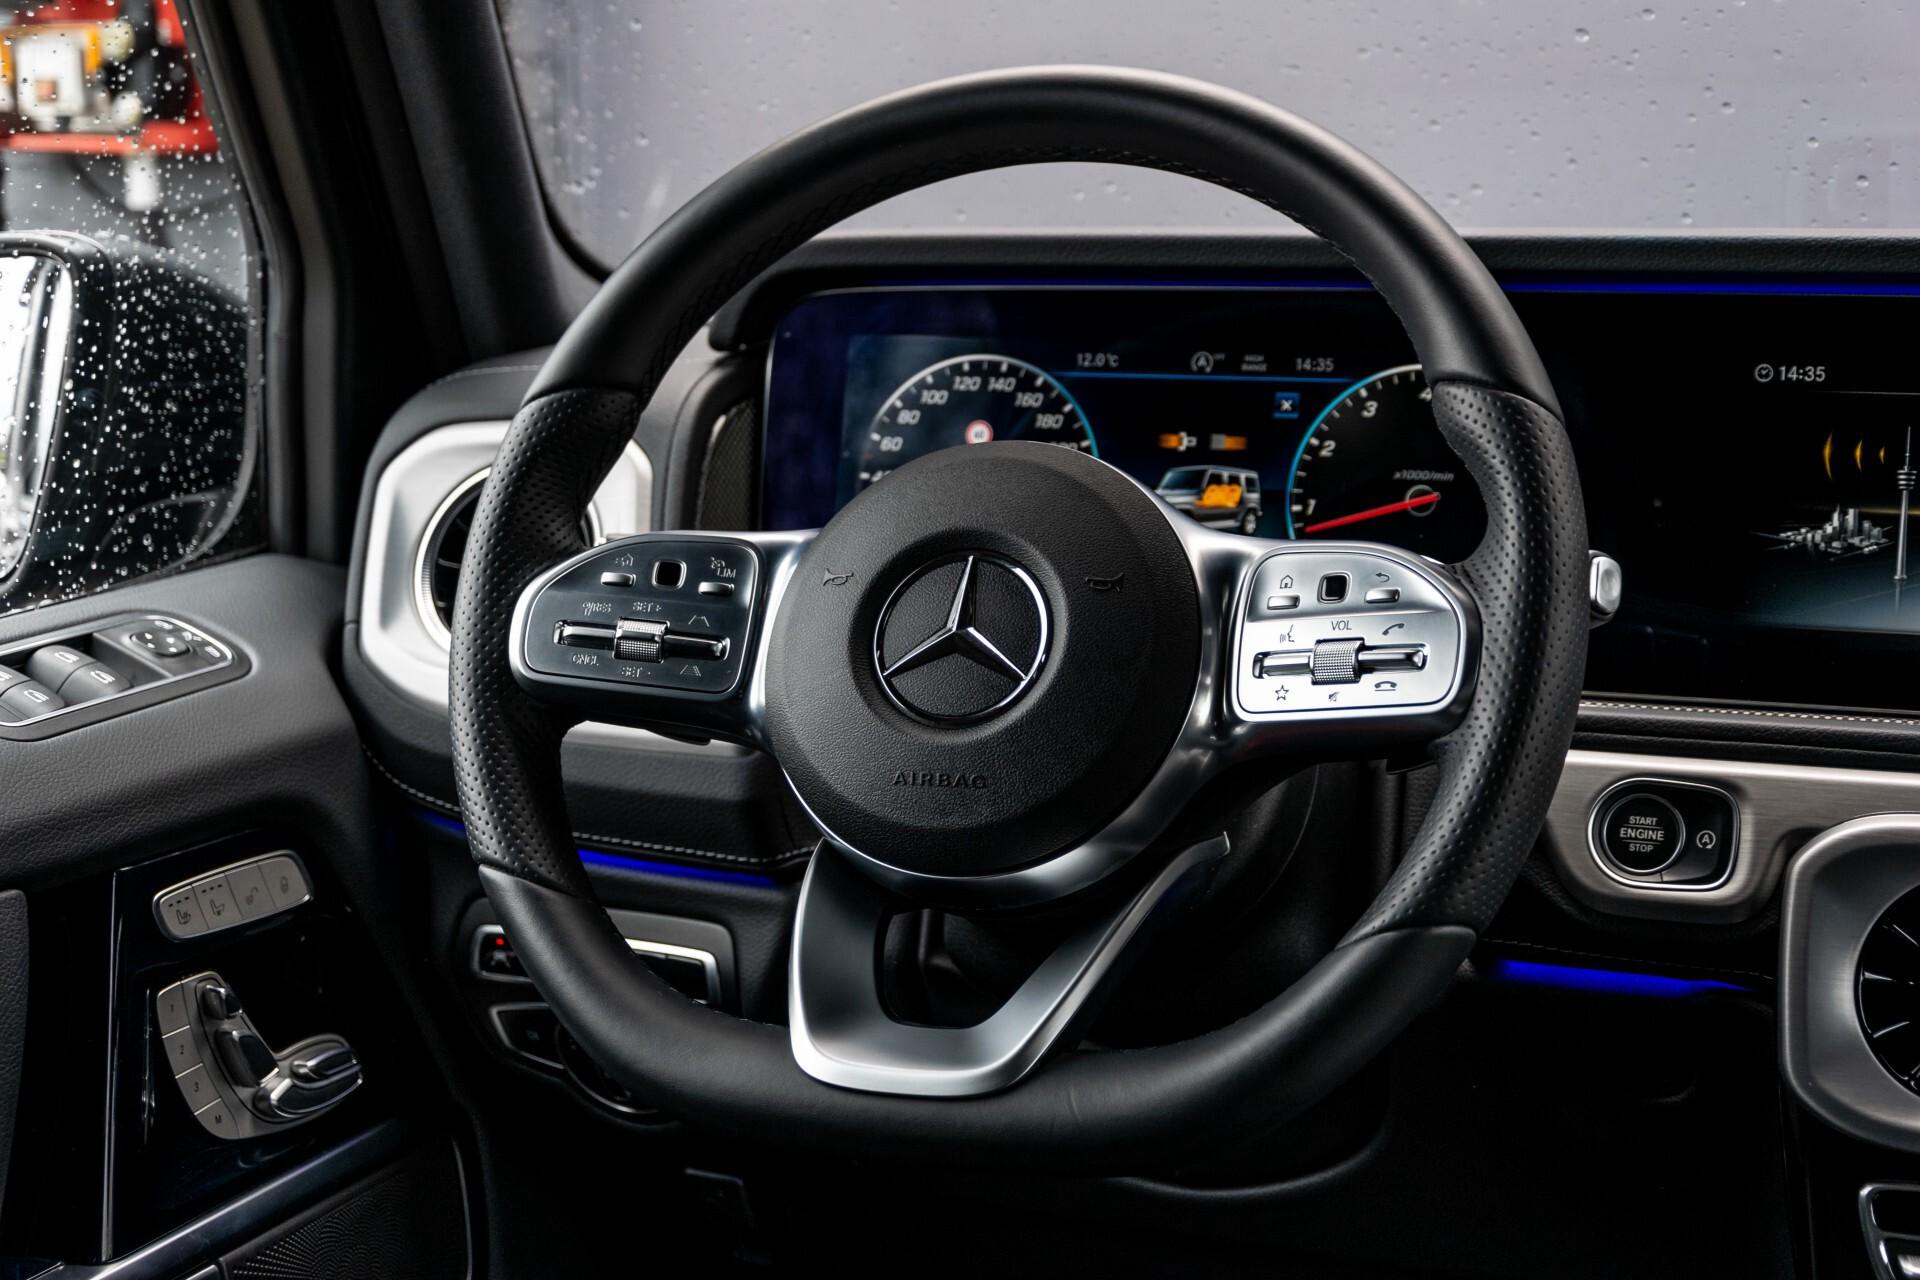 Mercedes-Benz G-Klasse 500 AMG Massage/Entertainment/Manufaktur/Standkachel/Distronic/RVS Aut9 Foto 7